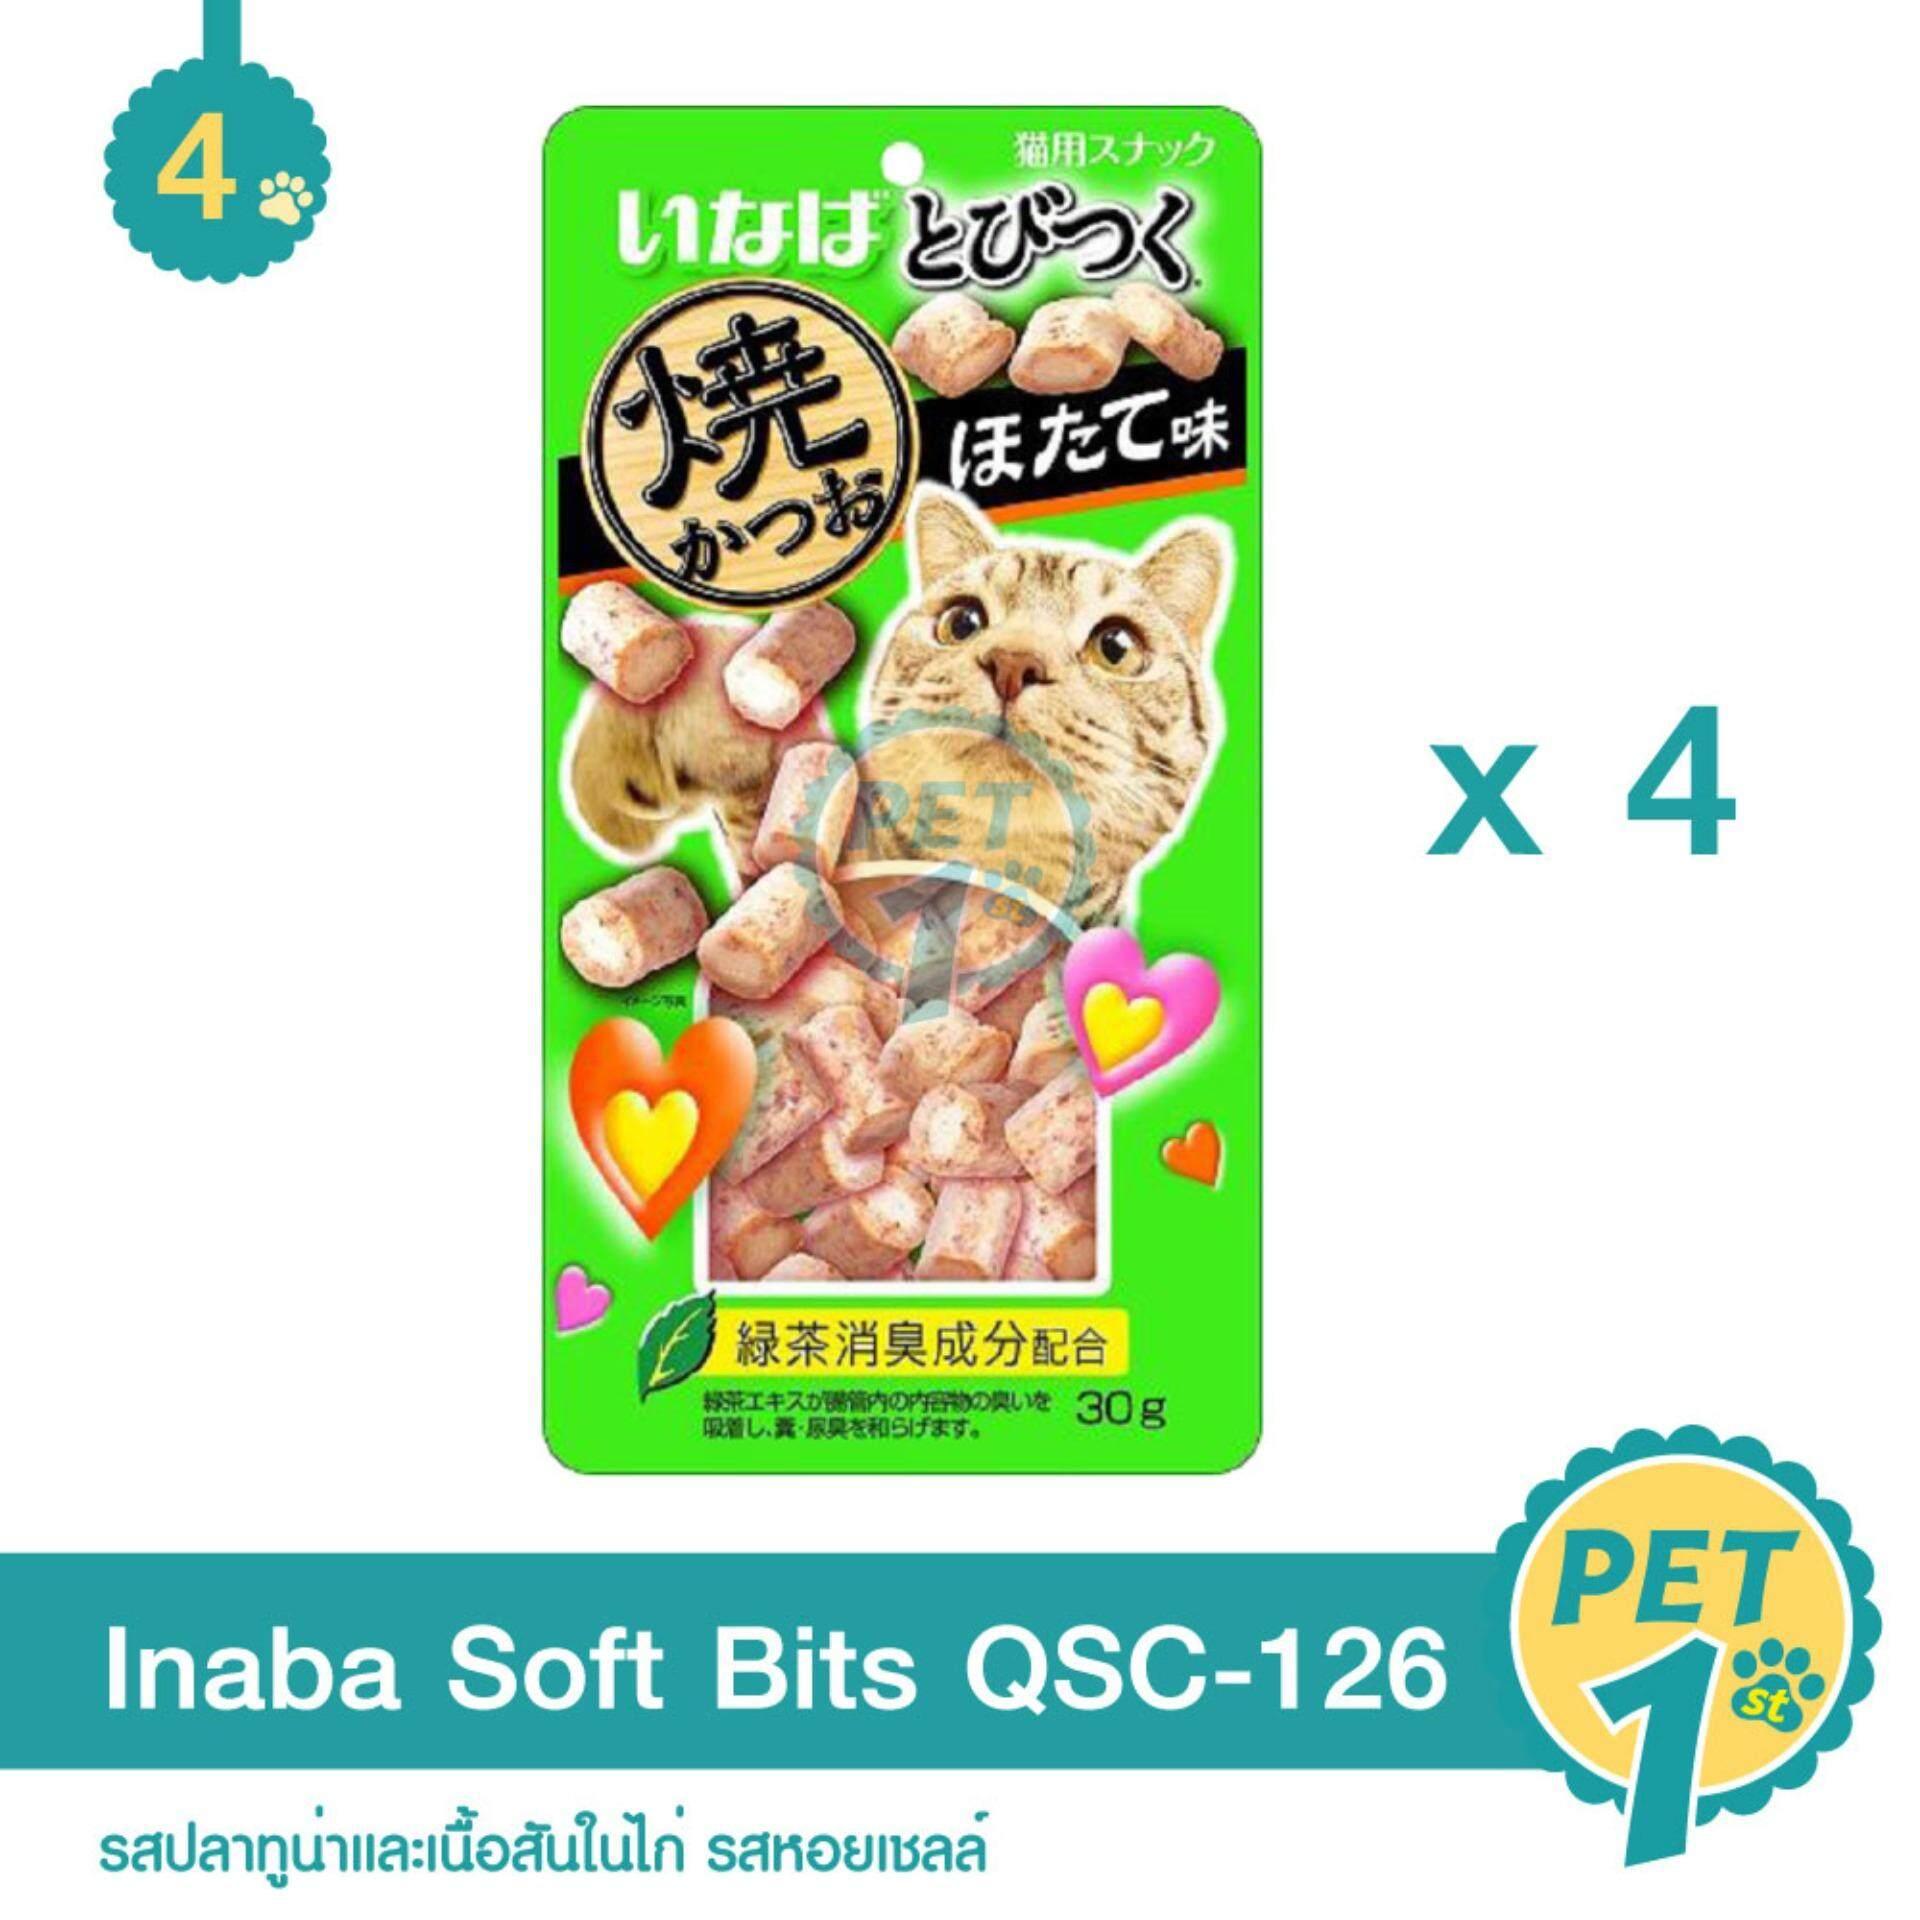 Inaba ขนมแมว Soft Bits รสปลาทูน่าและเนื้อสันในไก่ รสหอยเชลล์ 25 กรัม/ซอง - 4 ซอง By Pet First.